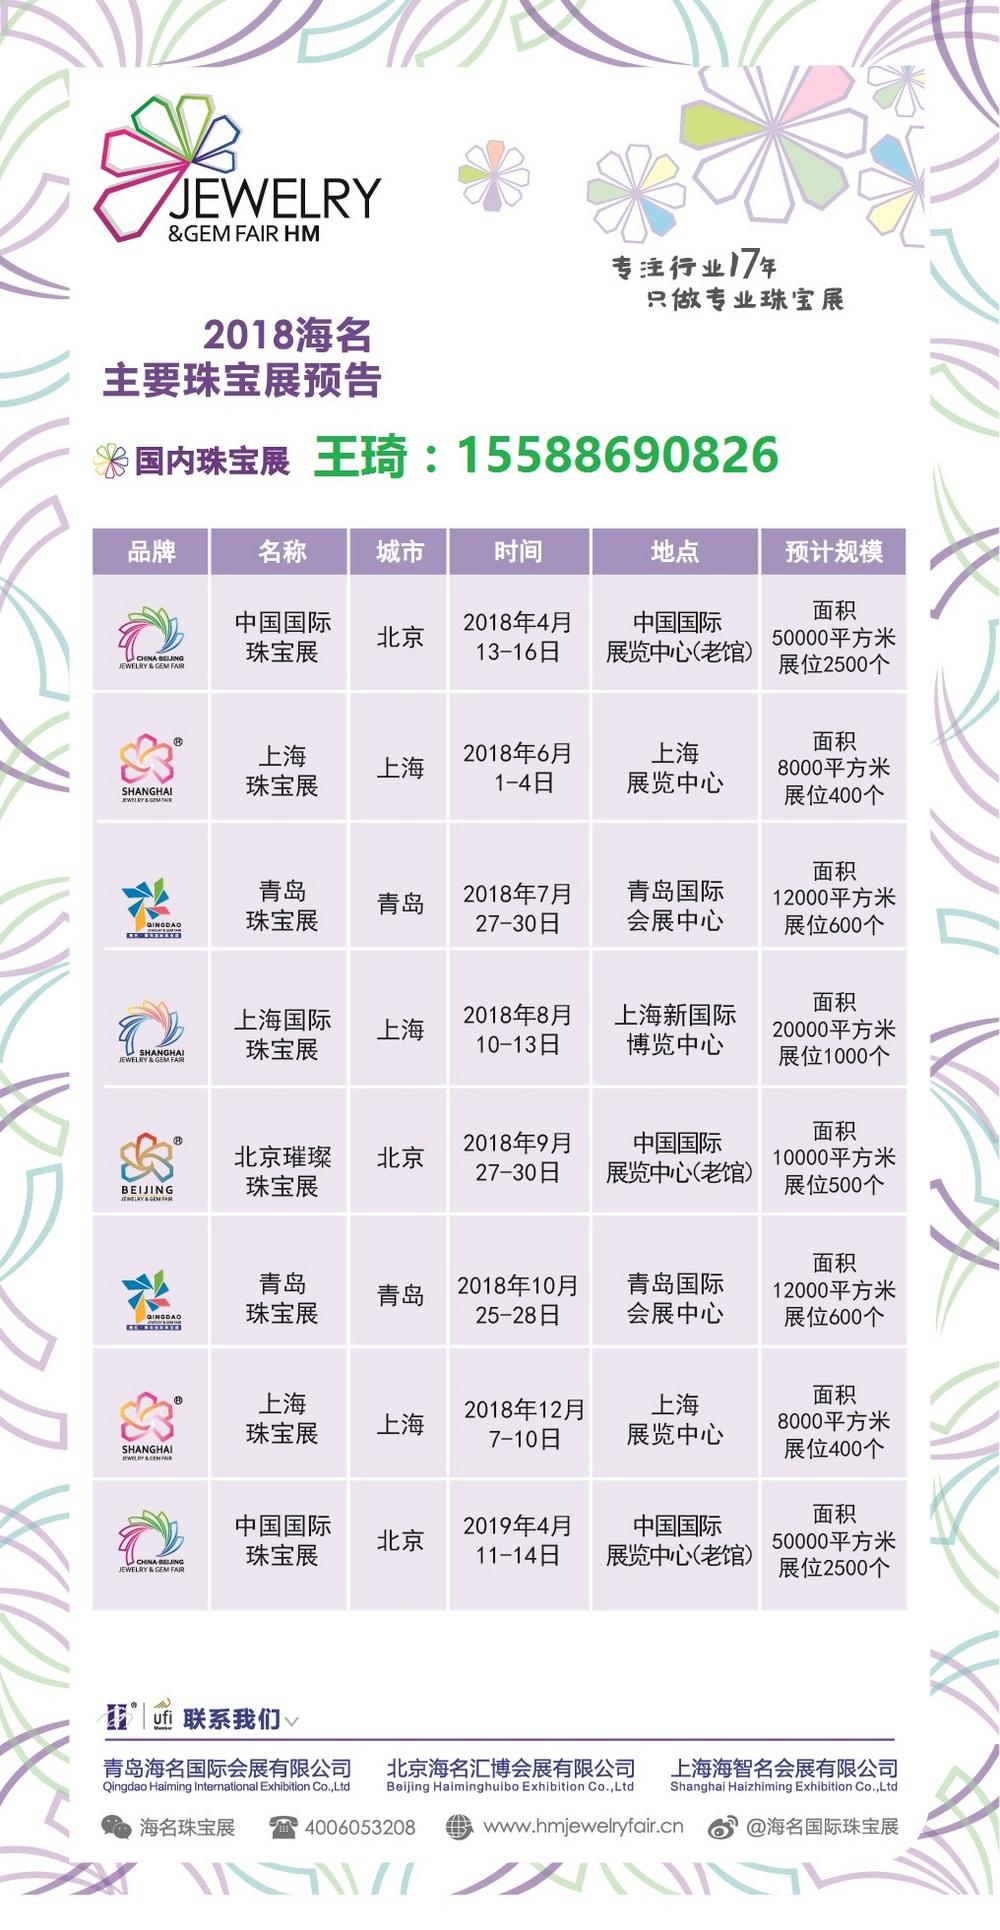 2018年8月上海国际珠宝展